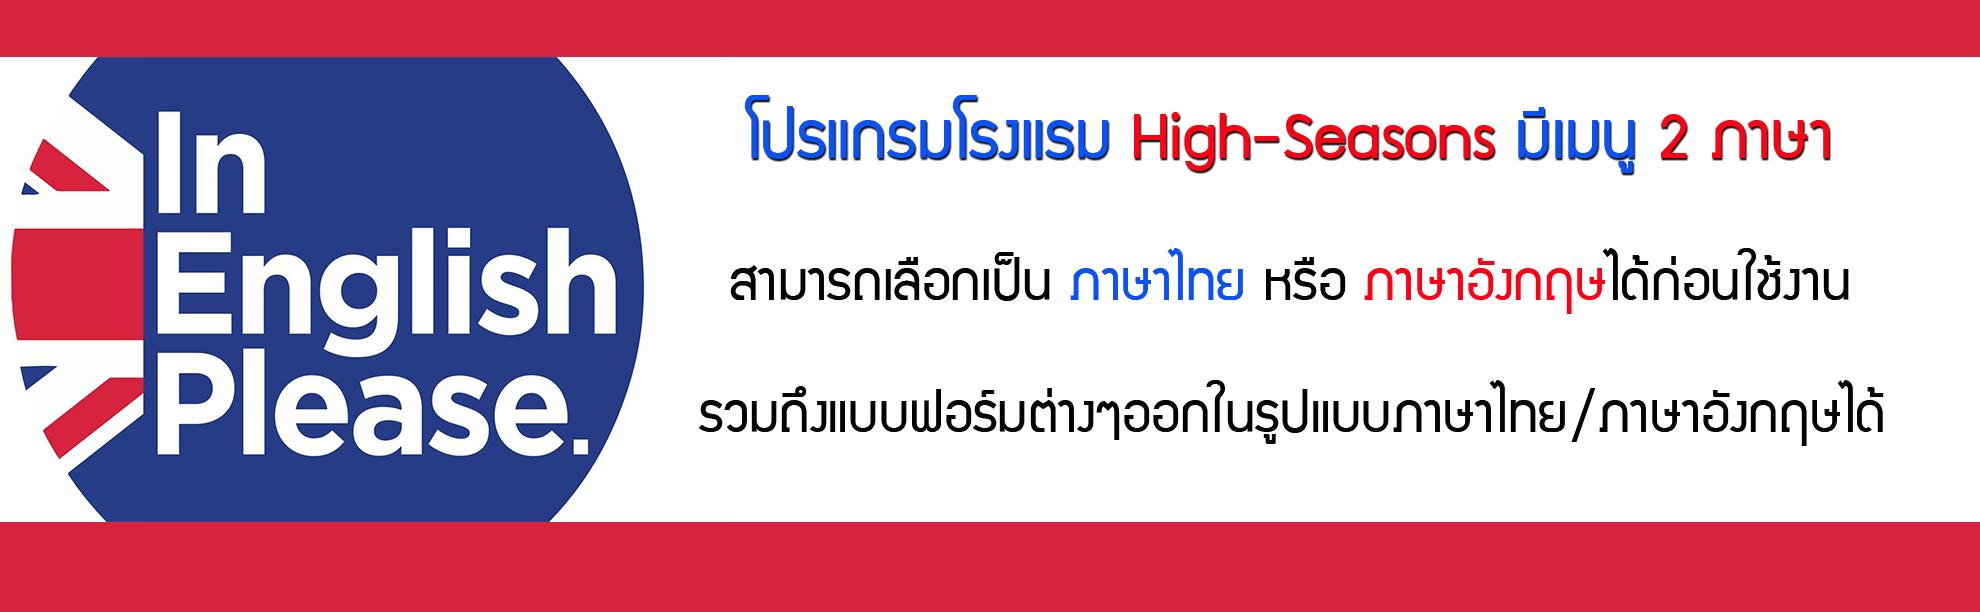 เลือกภาษาได้ทั้งไทยและอังกฤษ-ฟังก์ชั่นโปรแกรมโรงแรม High-Seasons